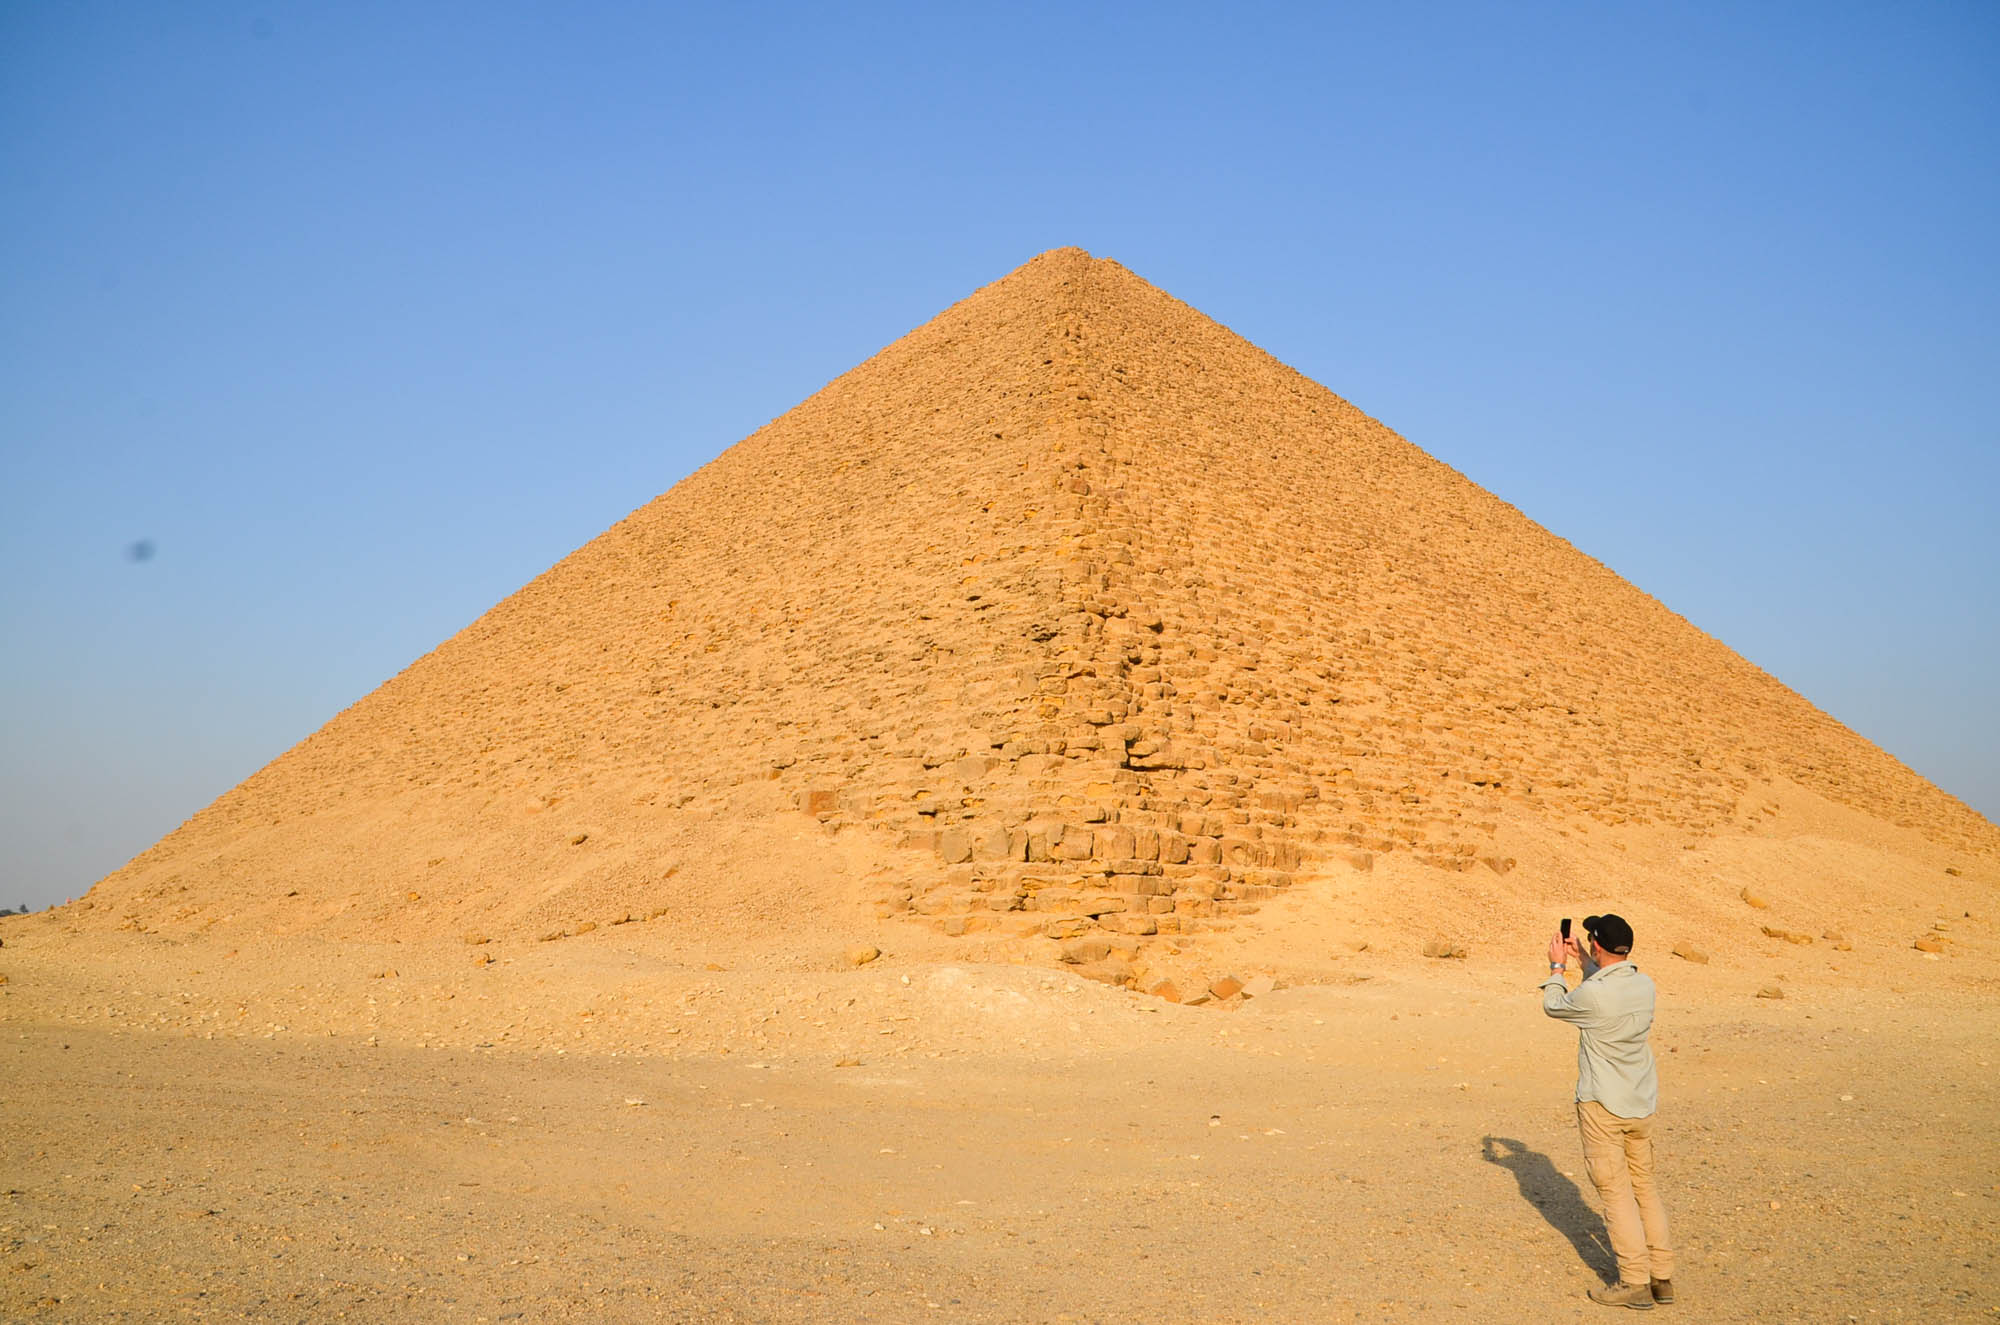 """Snofrus Rote Pyramide in Dahschur ist die erste fertiggestellte """"echte"""" Pyramide Ägyptens. Sie ist etwa 100 Meter hoch und stammt aus der 4. Dynastie. Foto: Matthieu Götz"""